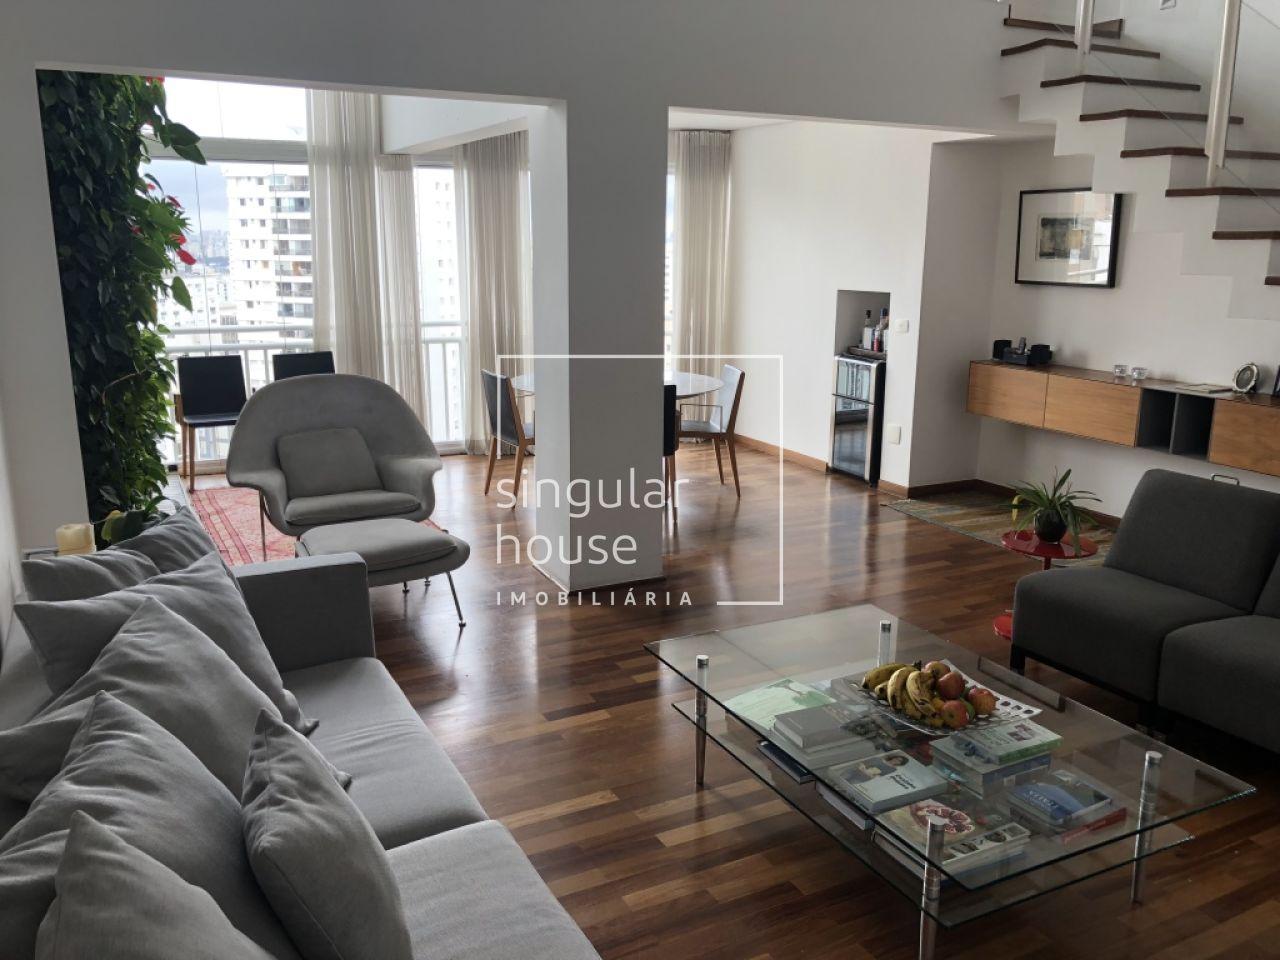 3 Dormitórios | Jardins | Infraestrutura Top